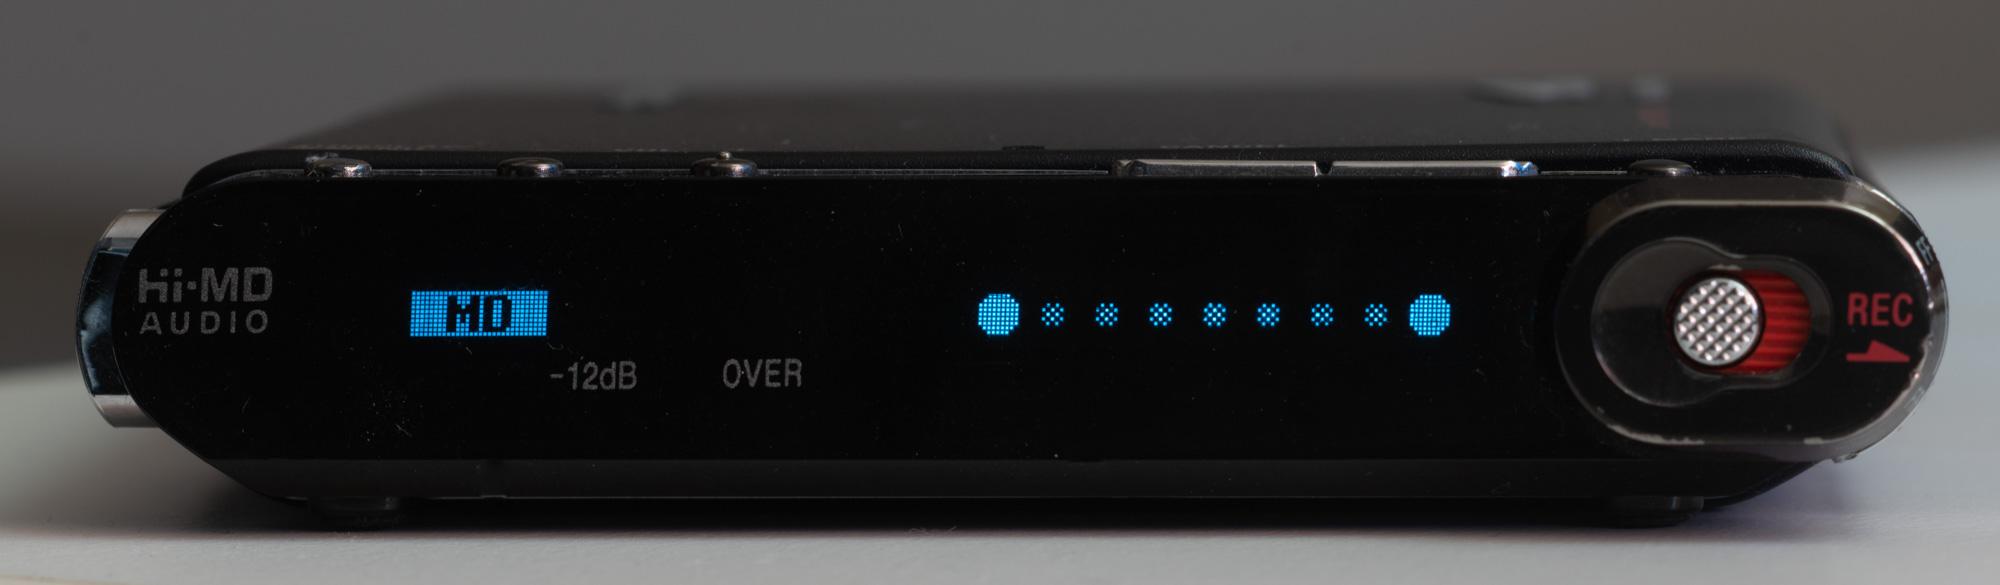 Sony MZ-RH1  последний минидисковый рекордер